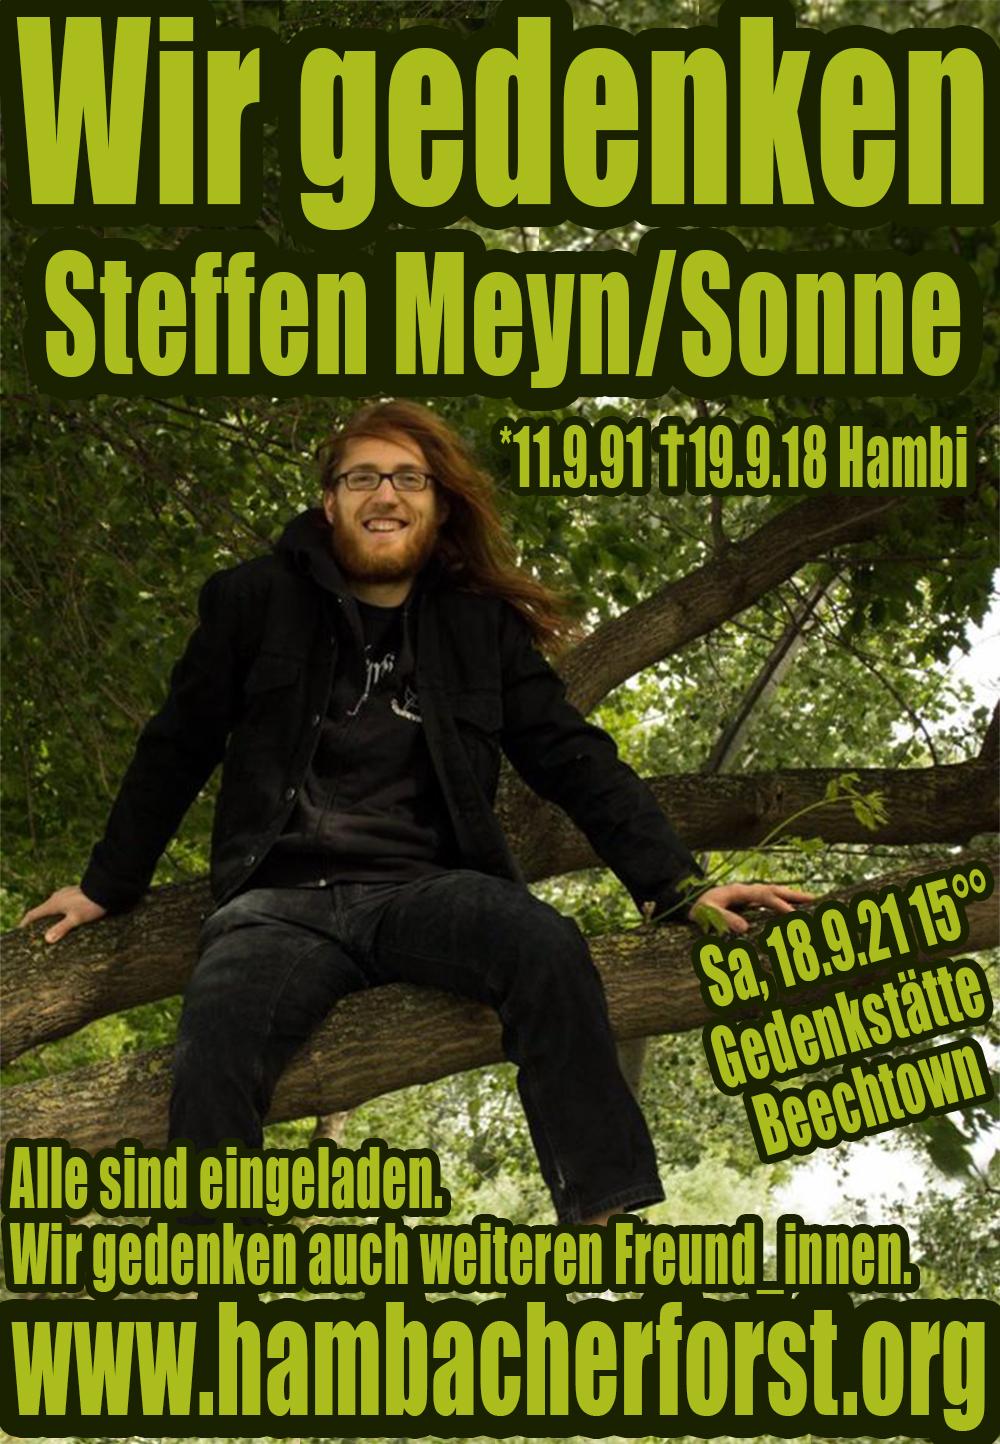 Einladung zum öffentlichen Gedenken für Steffen Meyn/Sonne (Sa, 18.9. 15Uhr)